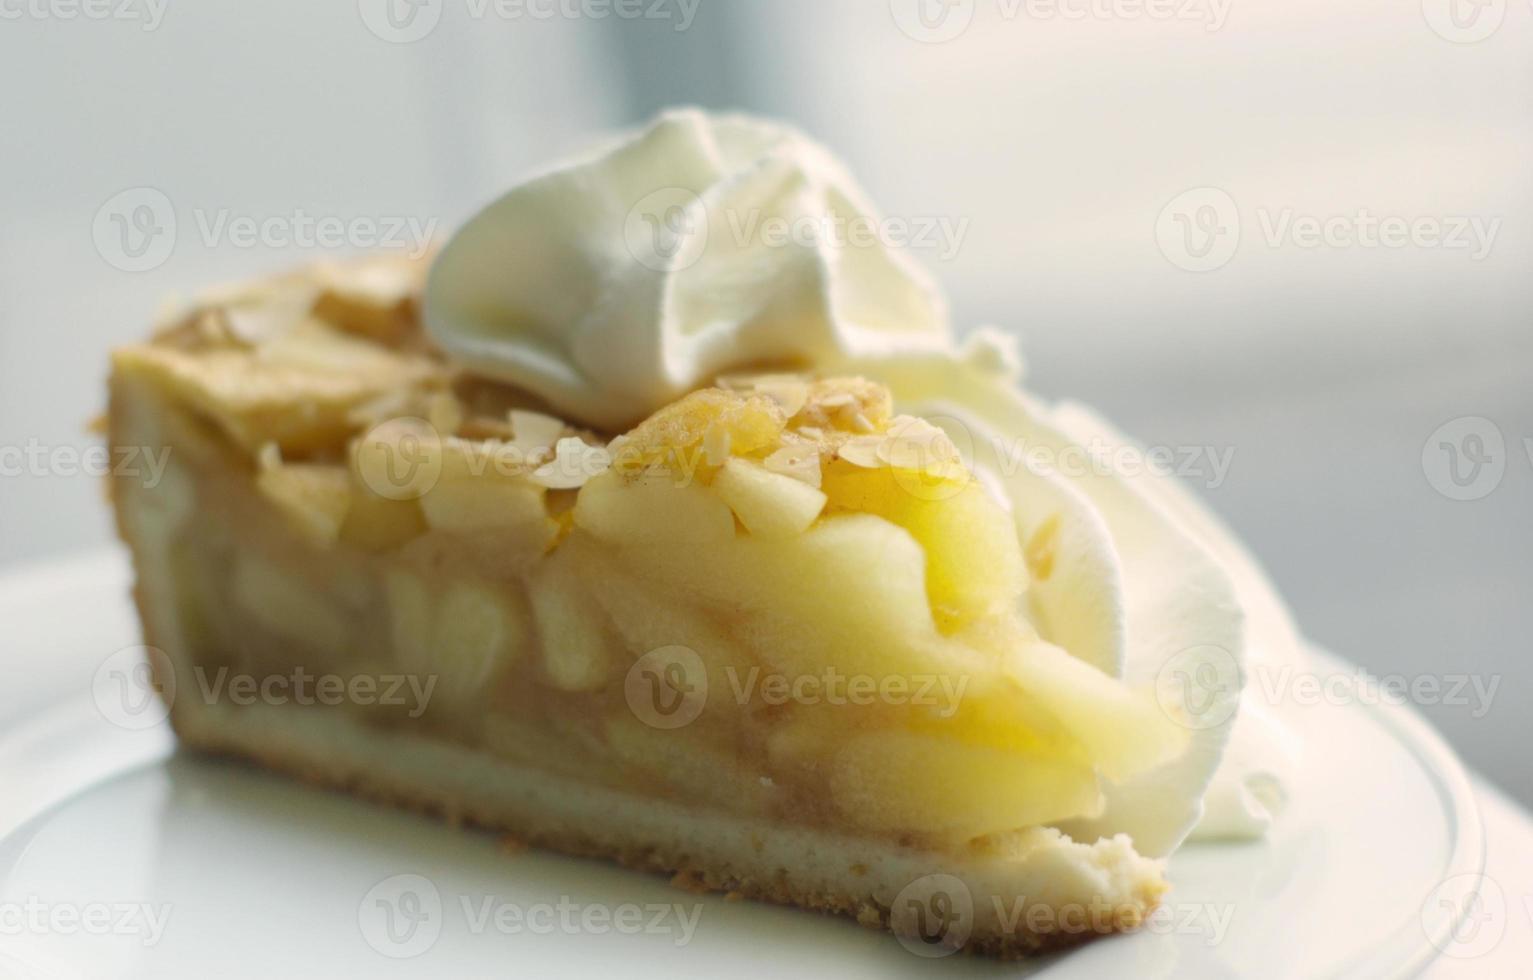 appeltaart met slagroom foto